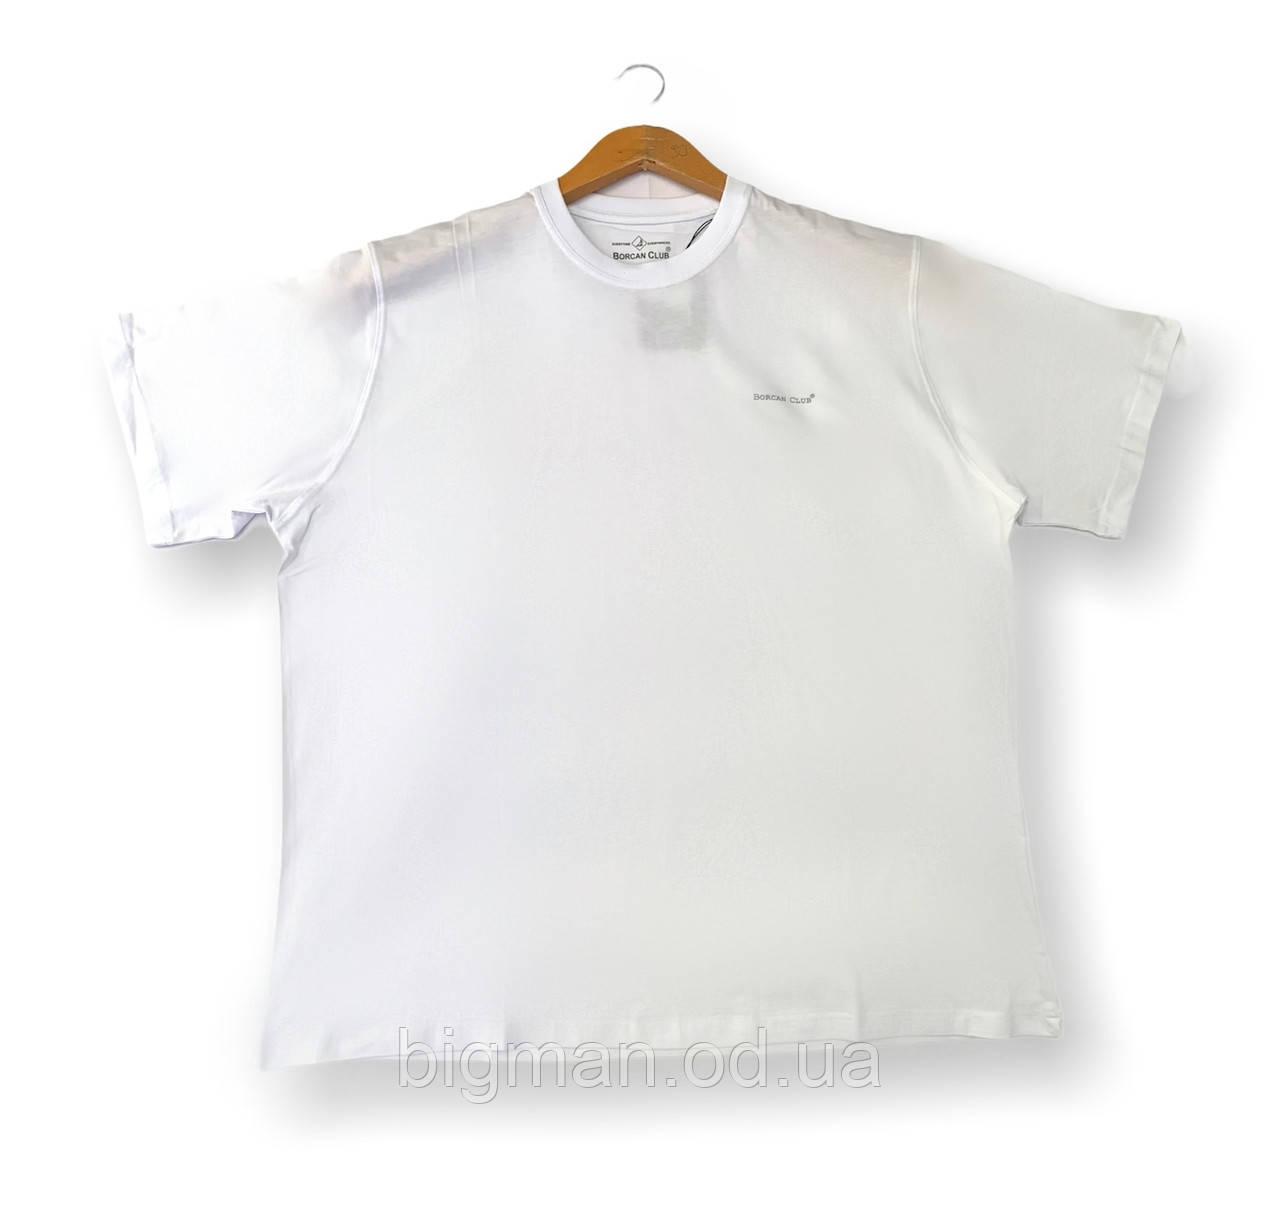 Чоловіча однотонна футболка біла батальна (великі розміри 3XL 4XL 5XL 6XL)Borcan Club виробництво: Туреччина